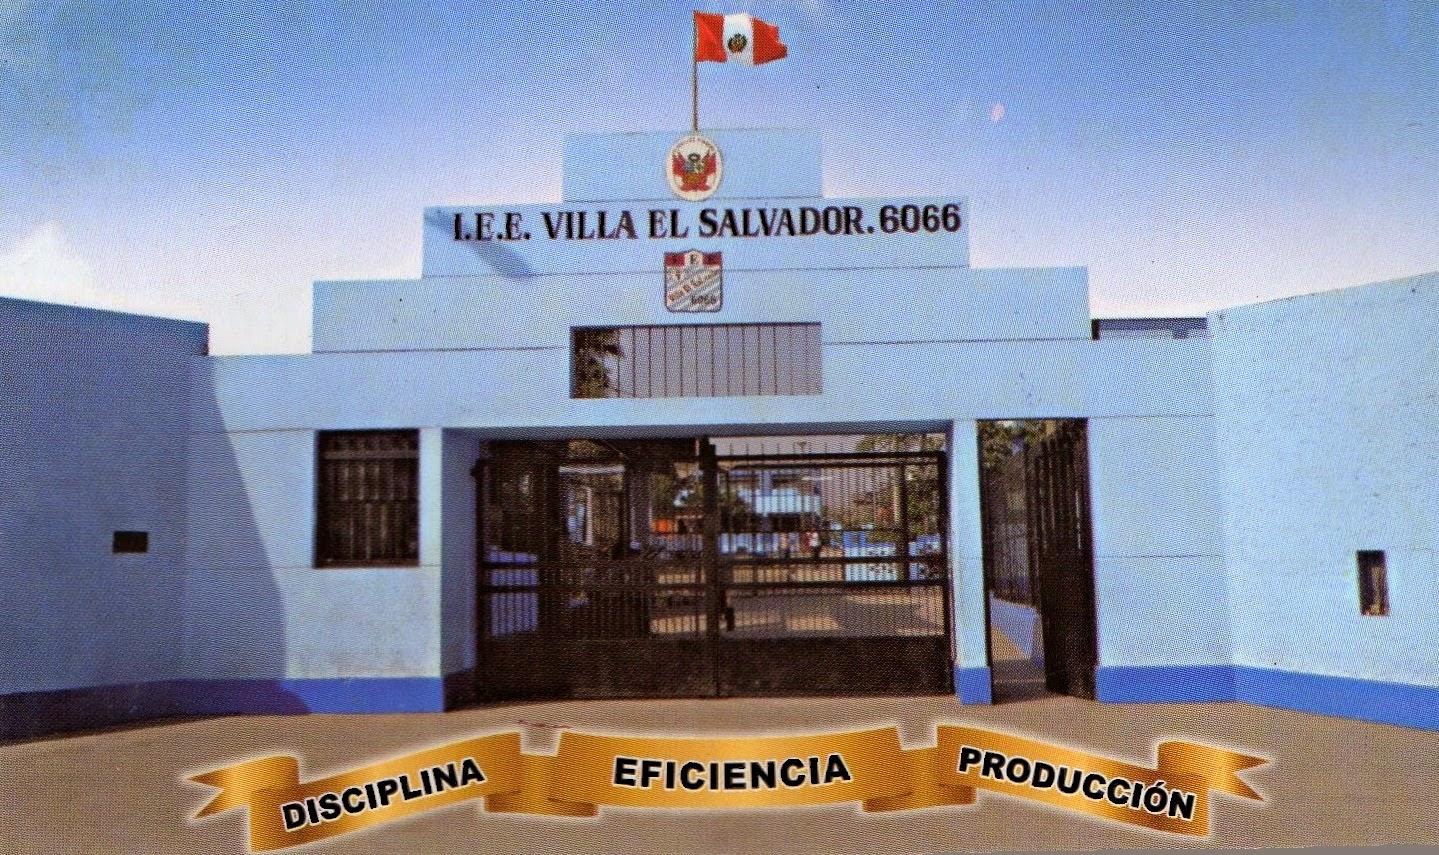 """I.E. """"VILLA EL SALVADOR"""" - Nº 6066"""